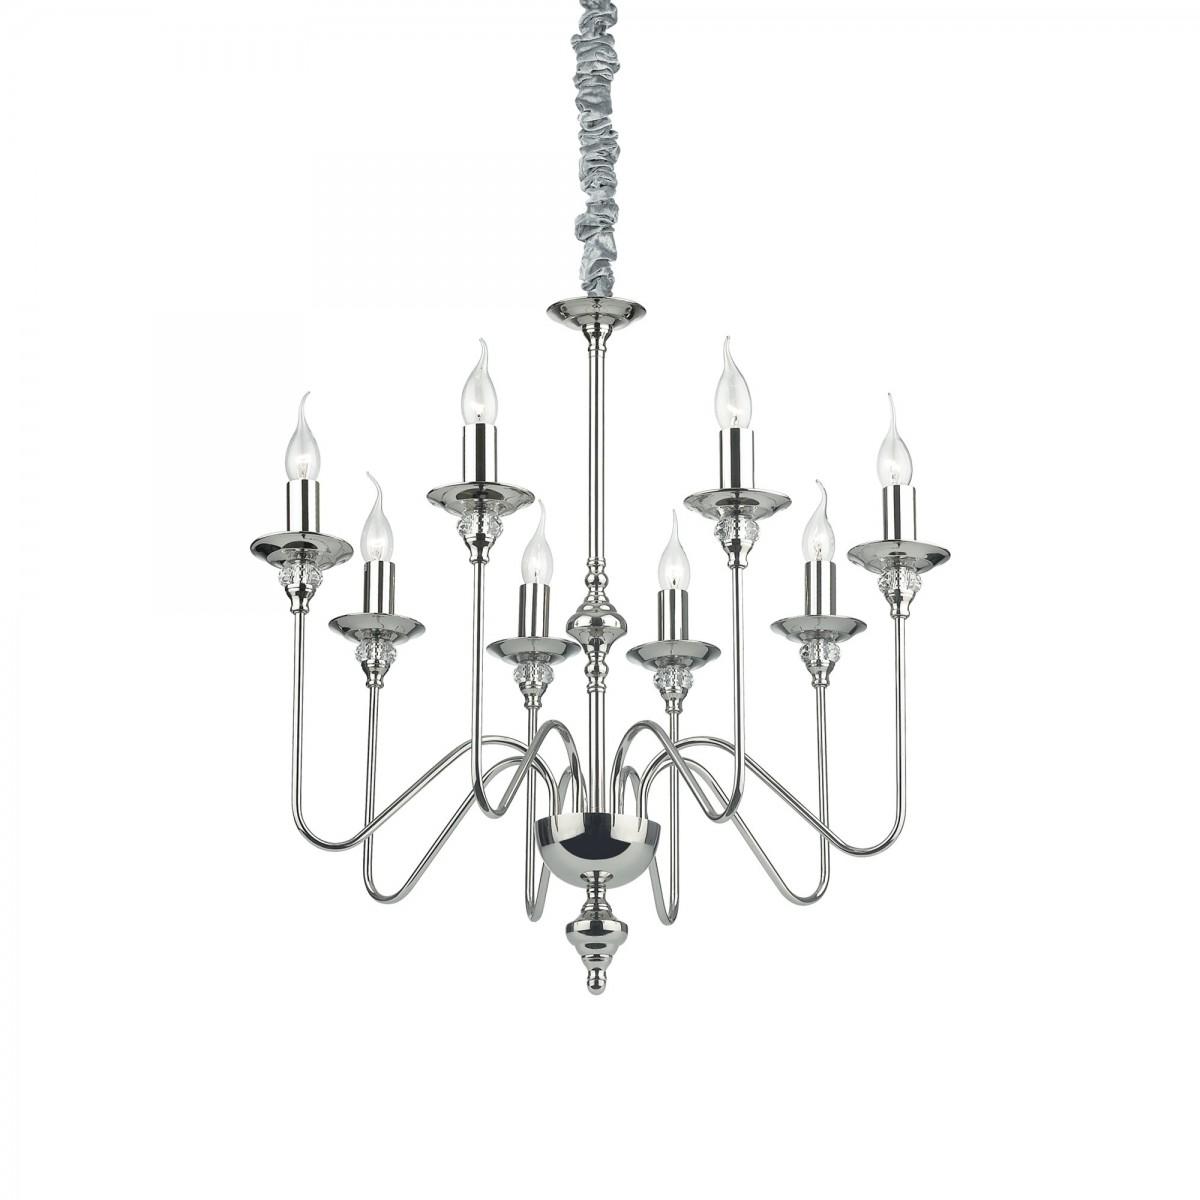 závěsné svítidlo Ideal lux Artu SP8 073156 8x40W E14 - luxusní historie